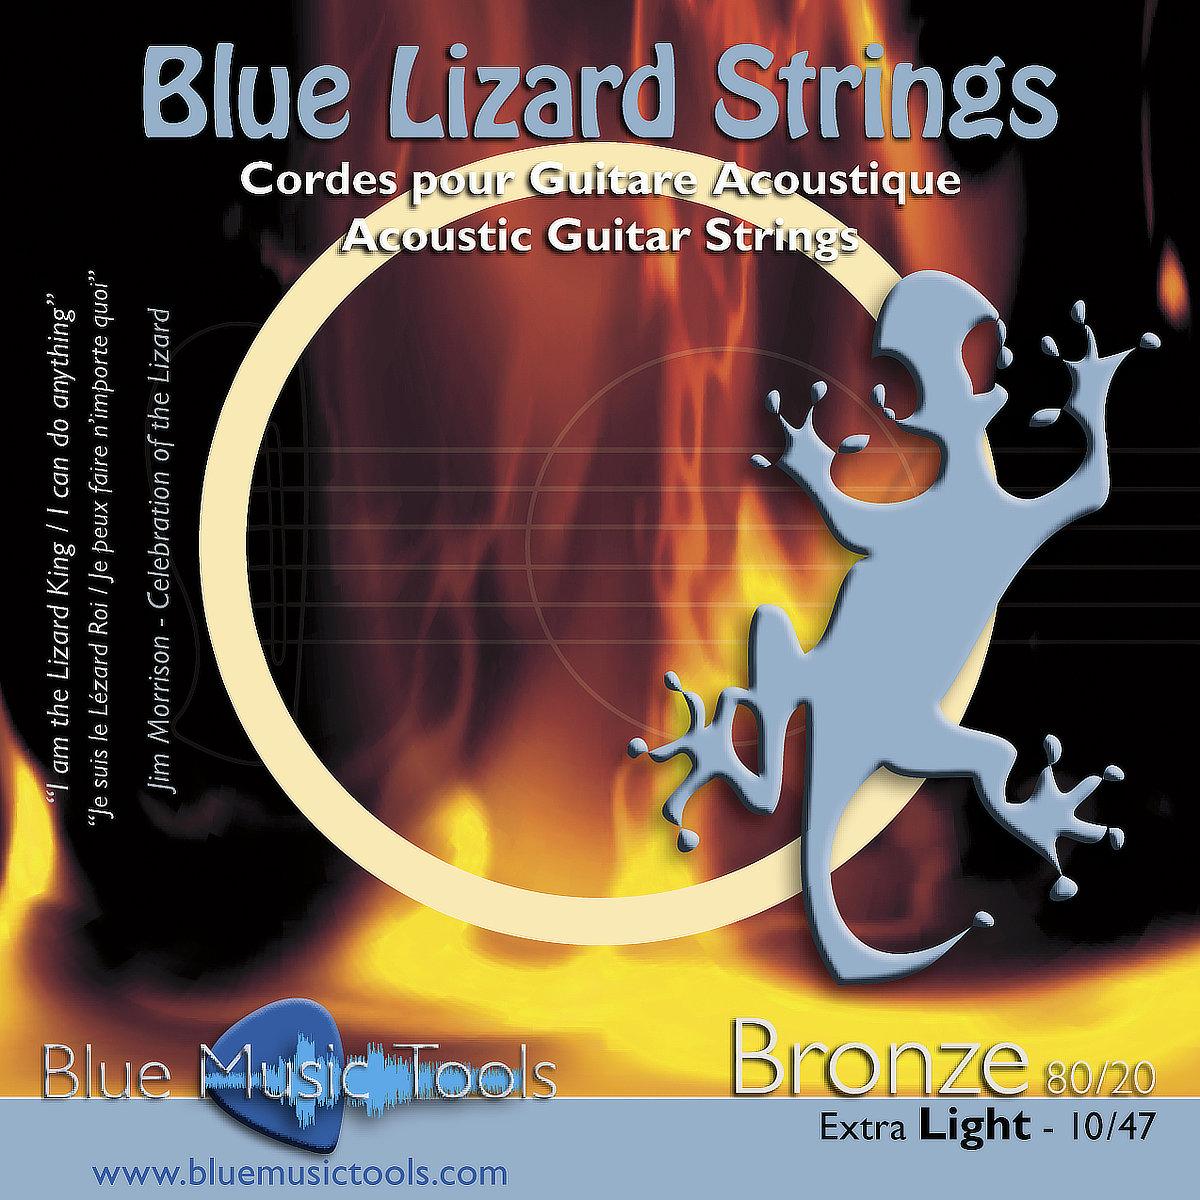 Cordes pour guitares acoustiques 10/47